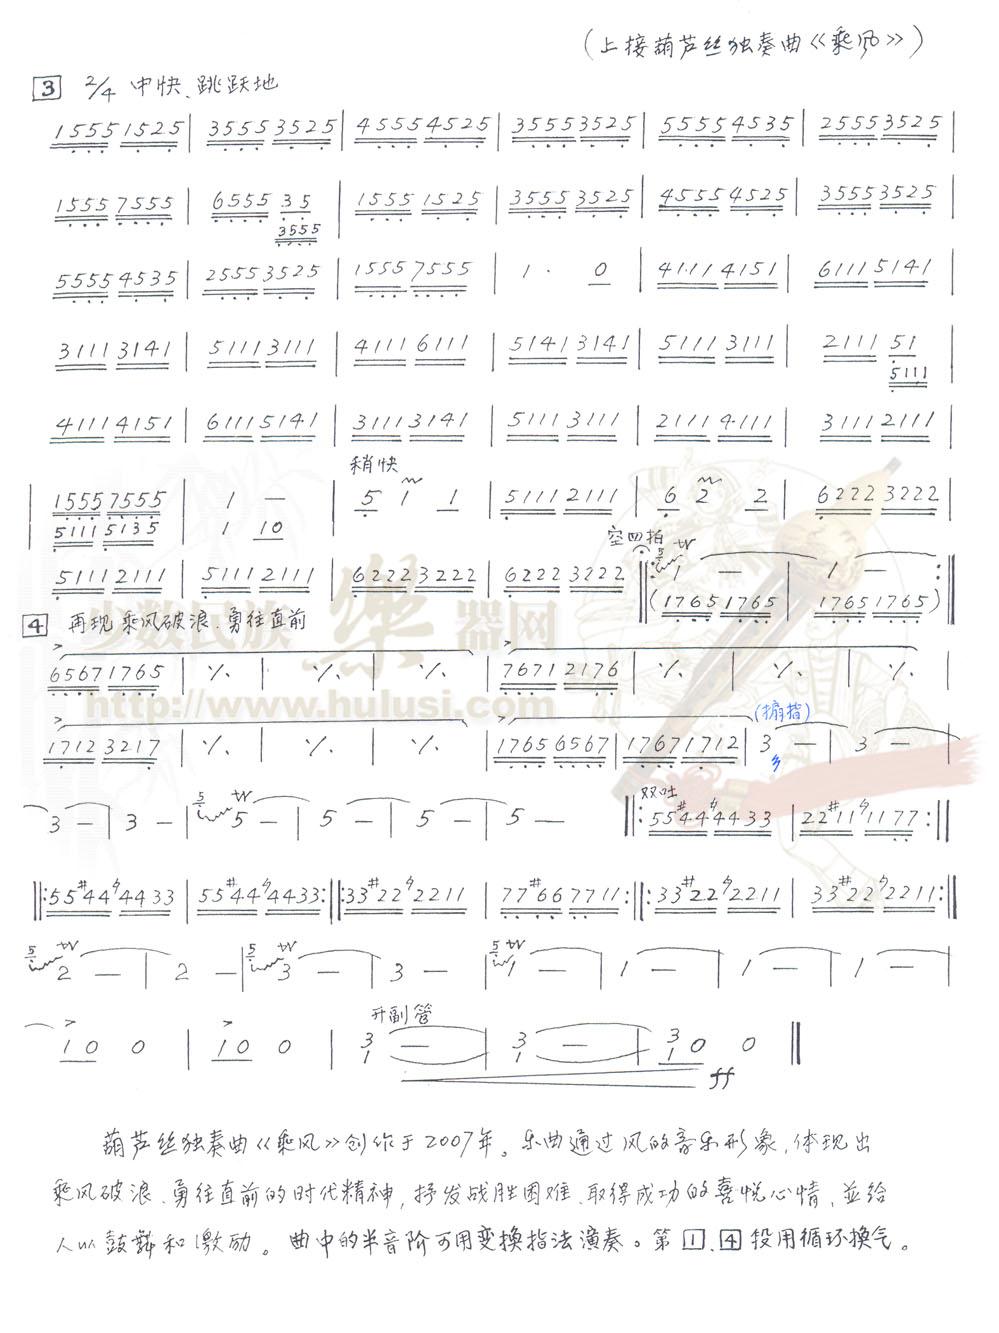 【【葫芦丝曲谱●下载 】】 03 《乘风》乔志忱老师作品(手写版)